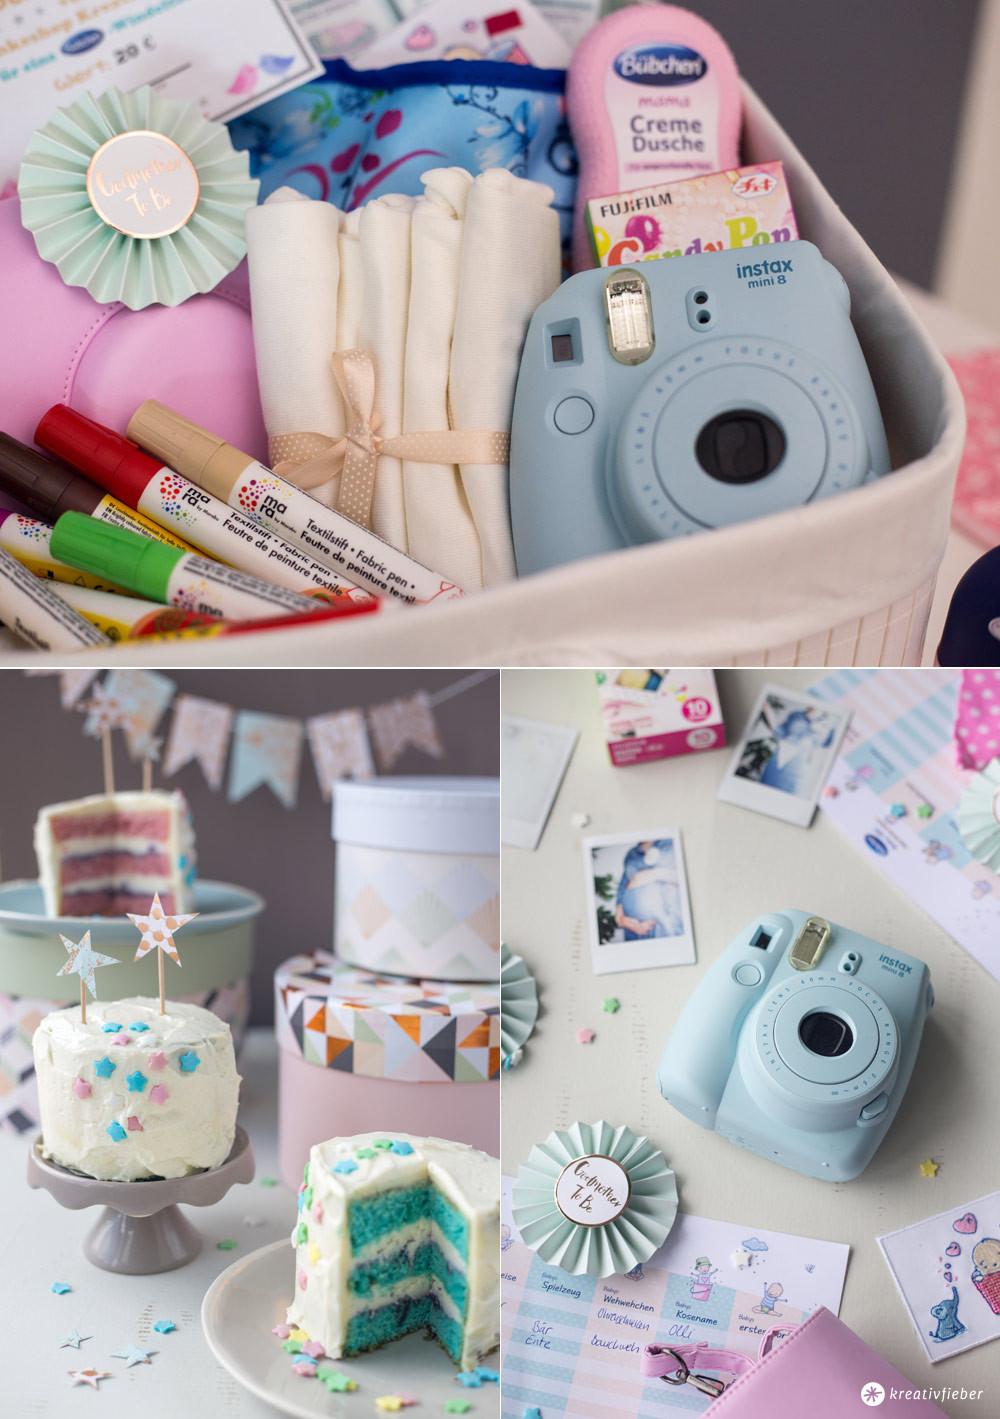 Geschenkideen Babyparty  Babyparty geschenke ideen – Beste Geschenk Website Foto Blog